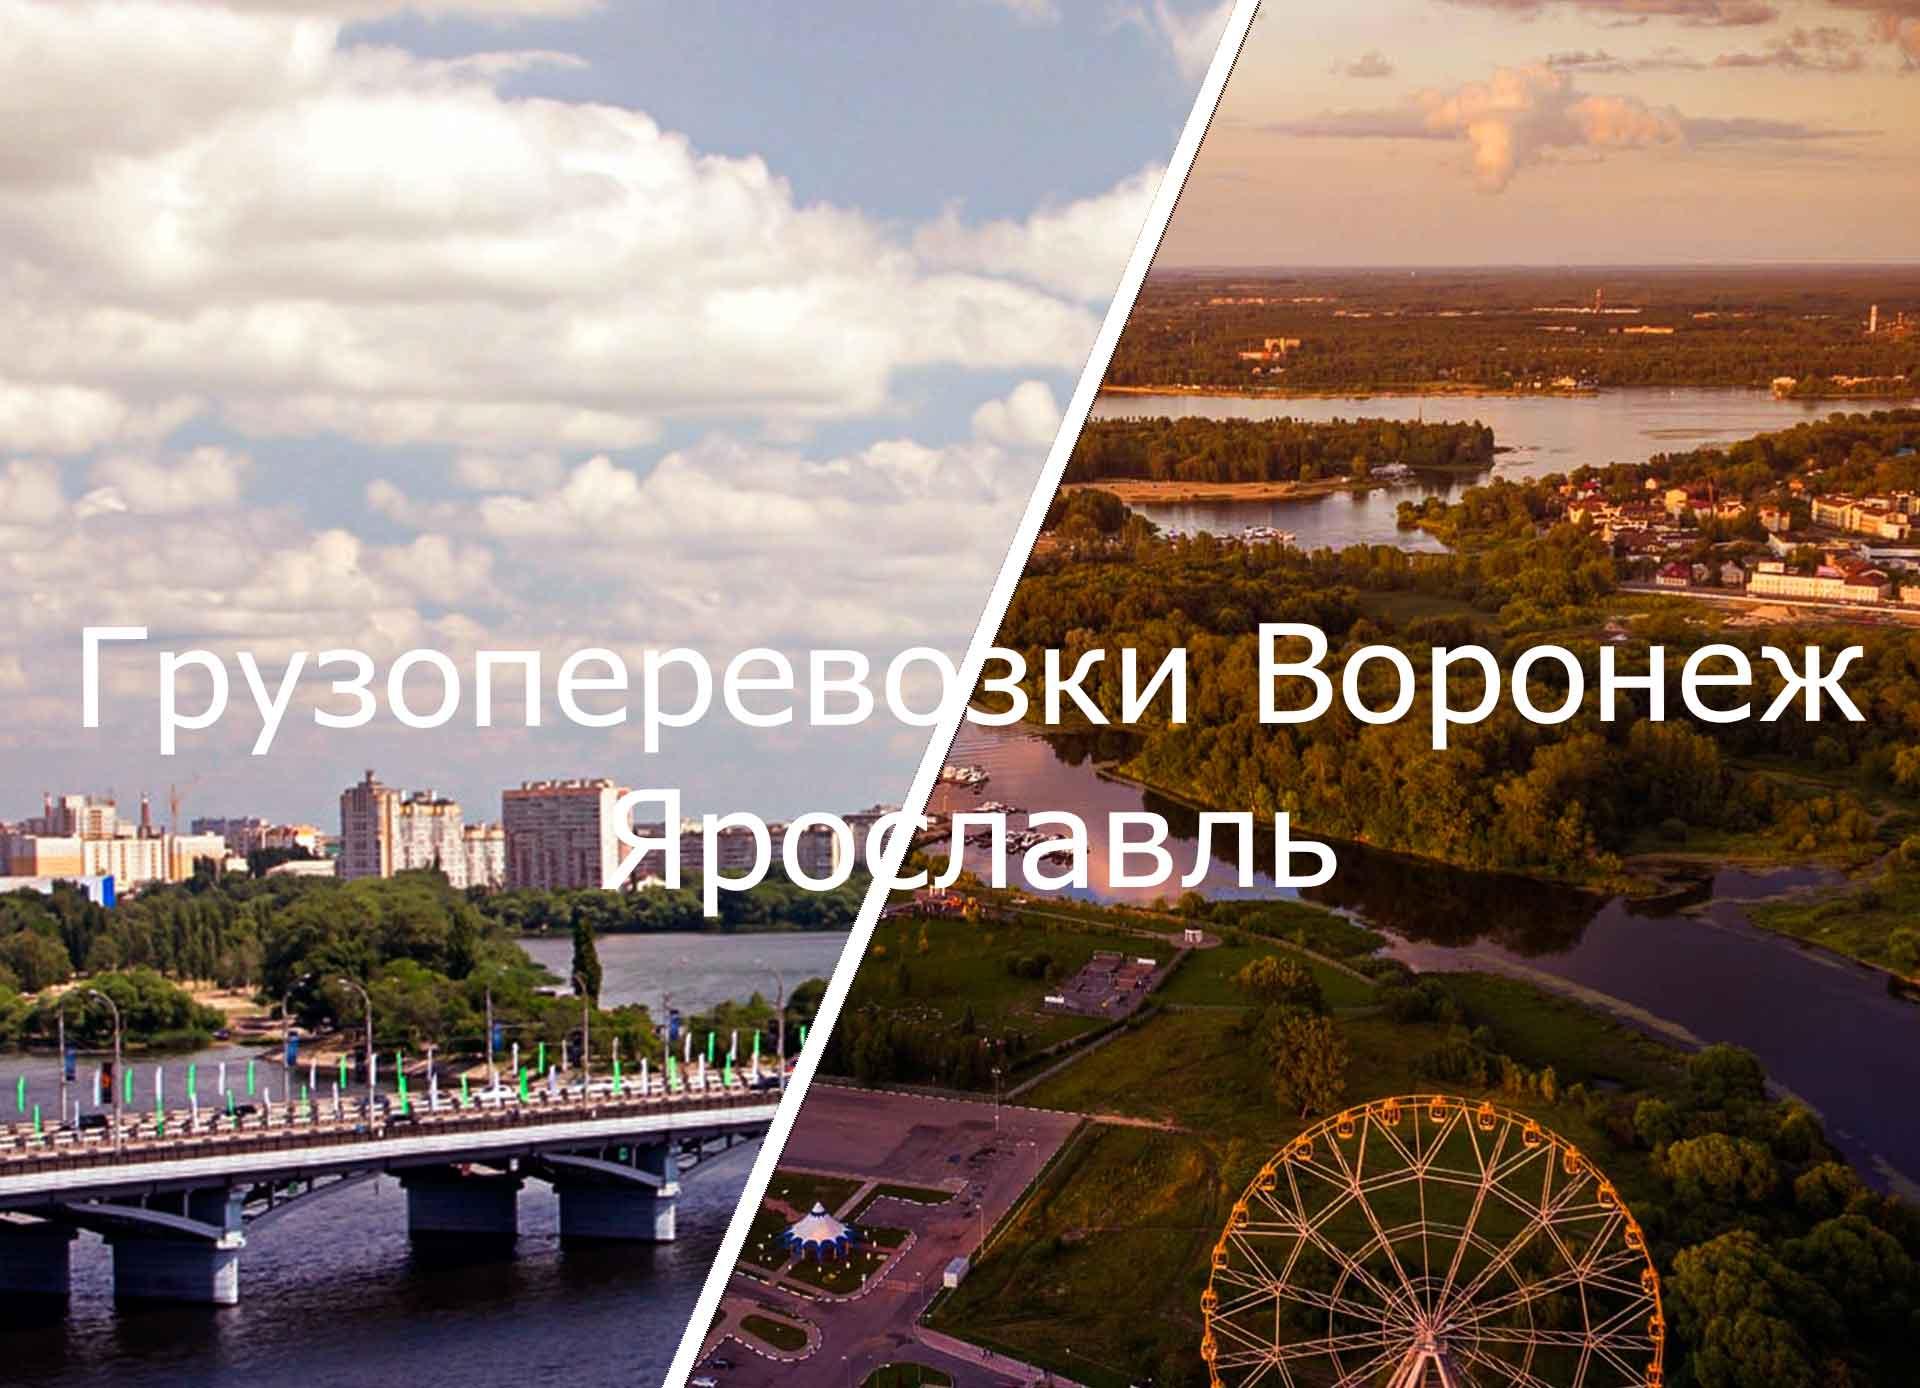 грузоперевозки воронеж ярославль